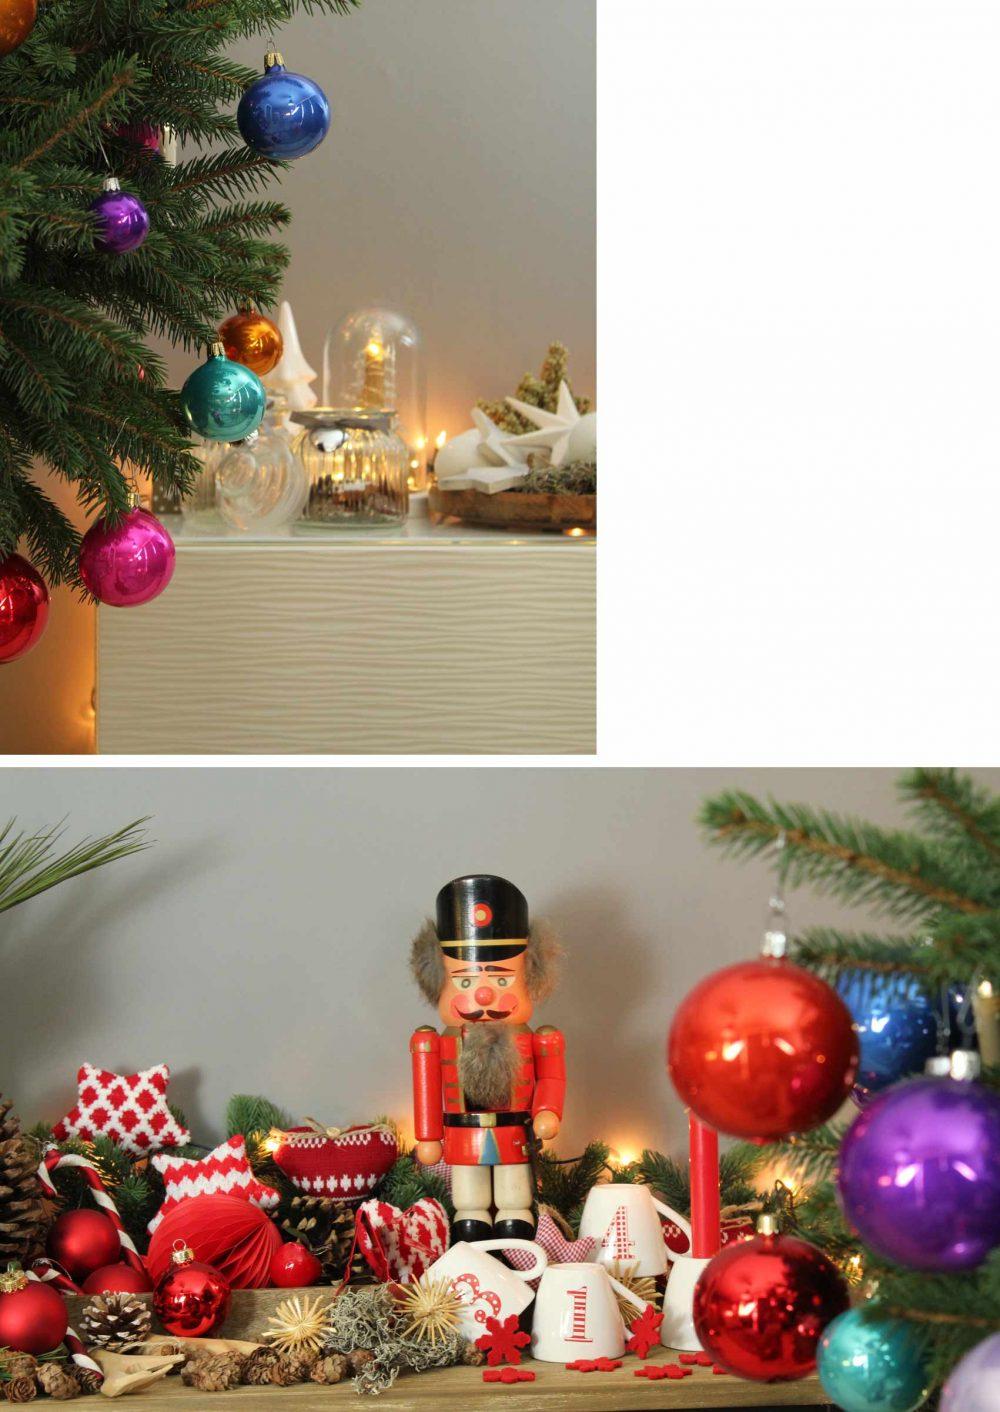 deko weihnachtsbaum bunt weihnachten mokowo collage mokowo. Black Bedroom Furniture Sets. Home Design Ideas